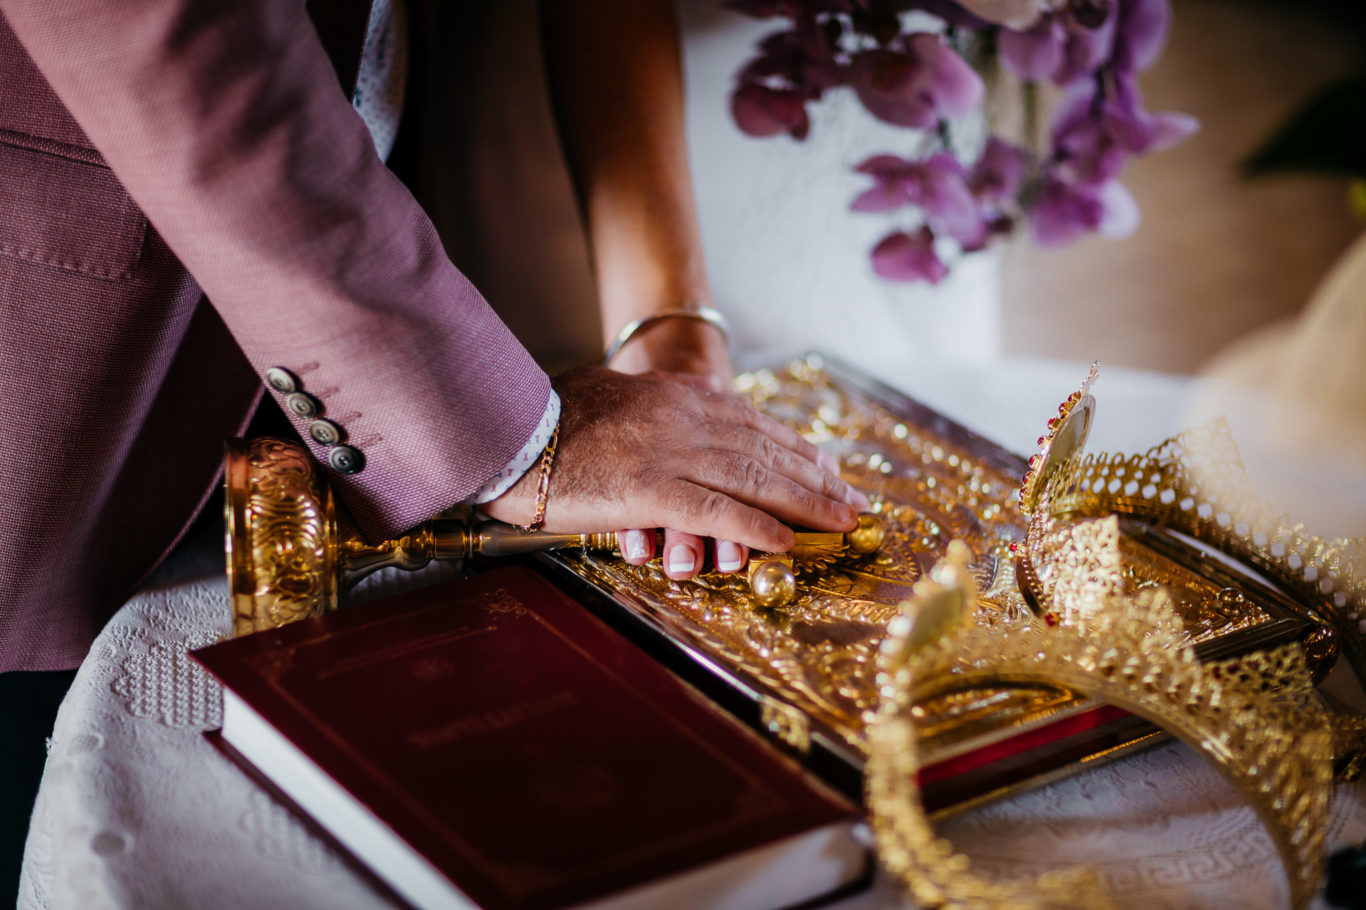 0198-fotografie-nunta-valea-de-pesti-vero-dani-fotograf-ciprian-dumitrescu-dc1_0738